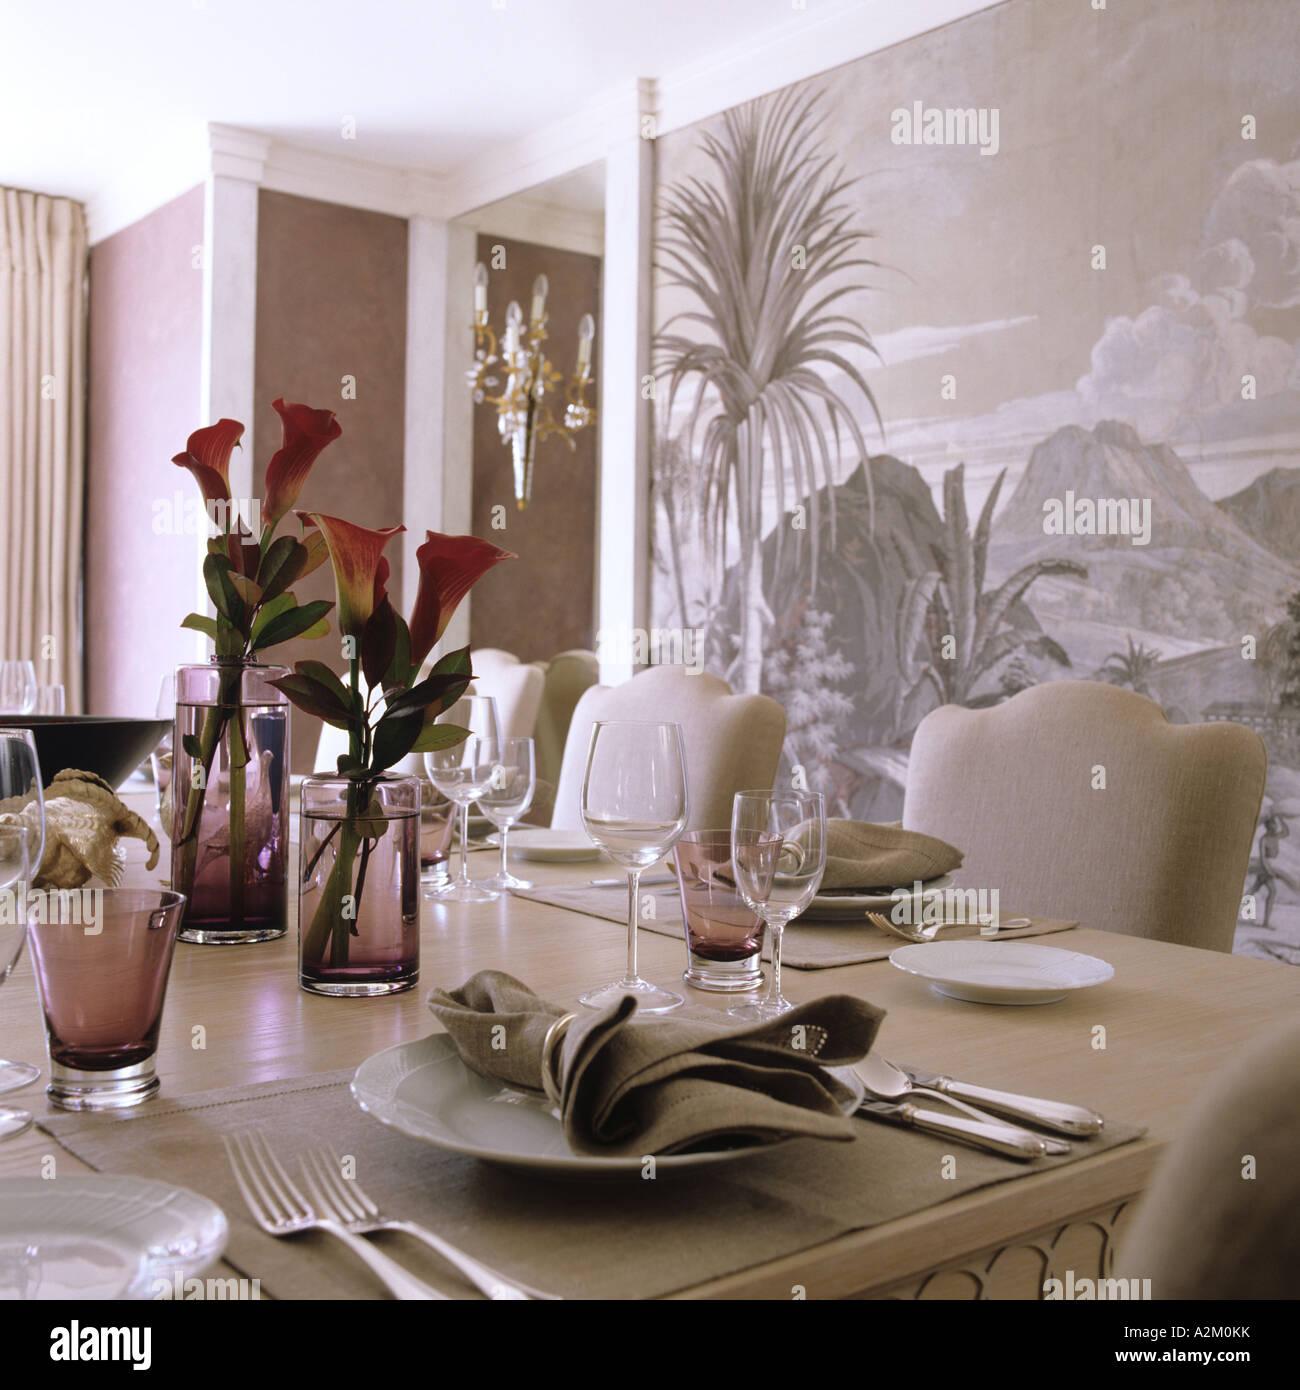 Stile E Interior Design Italiani A Londra: A Londra Sala Da Pranzo Con Tavolo E Carta Da Parati